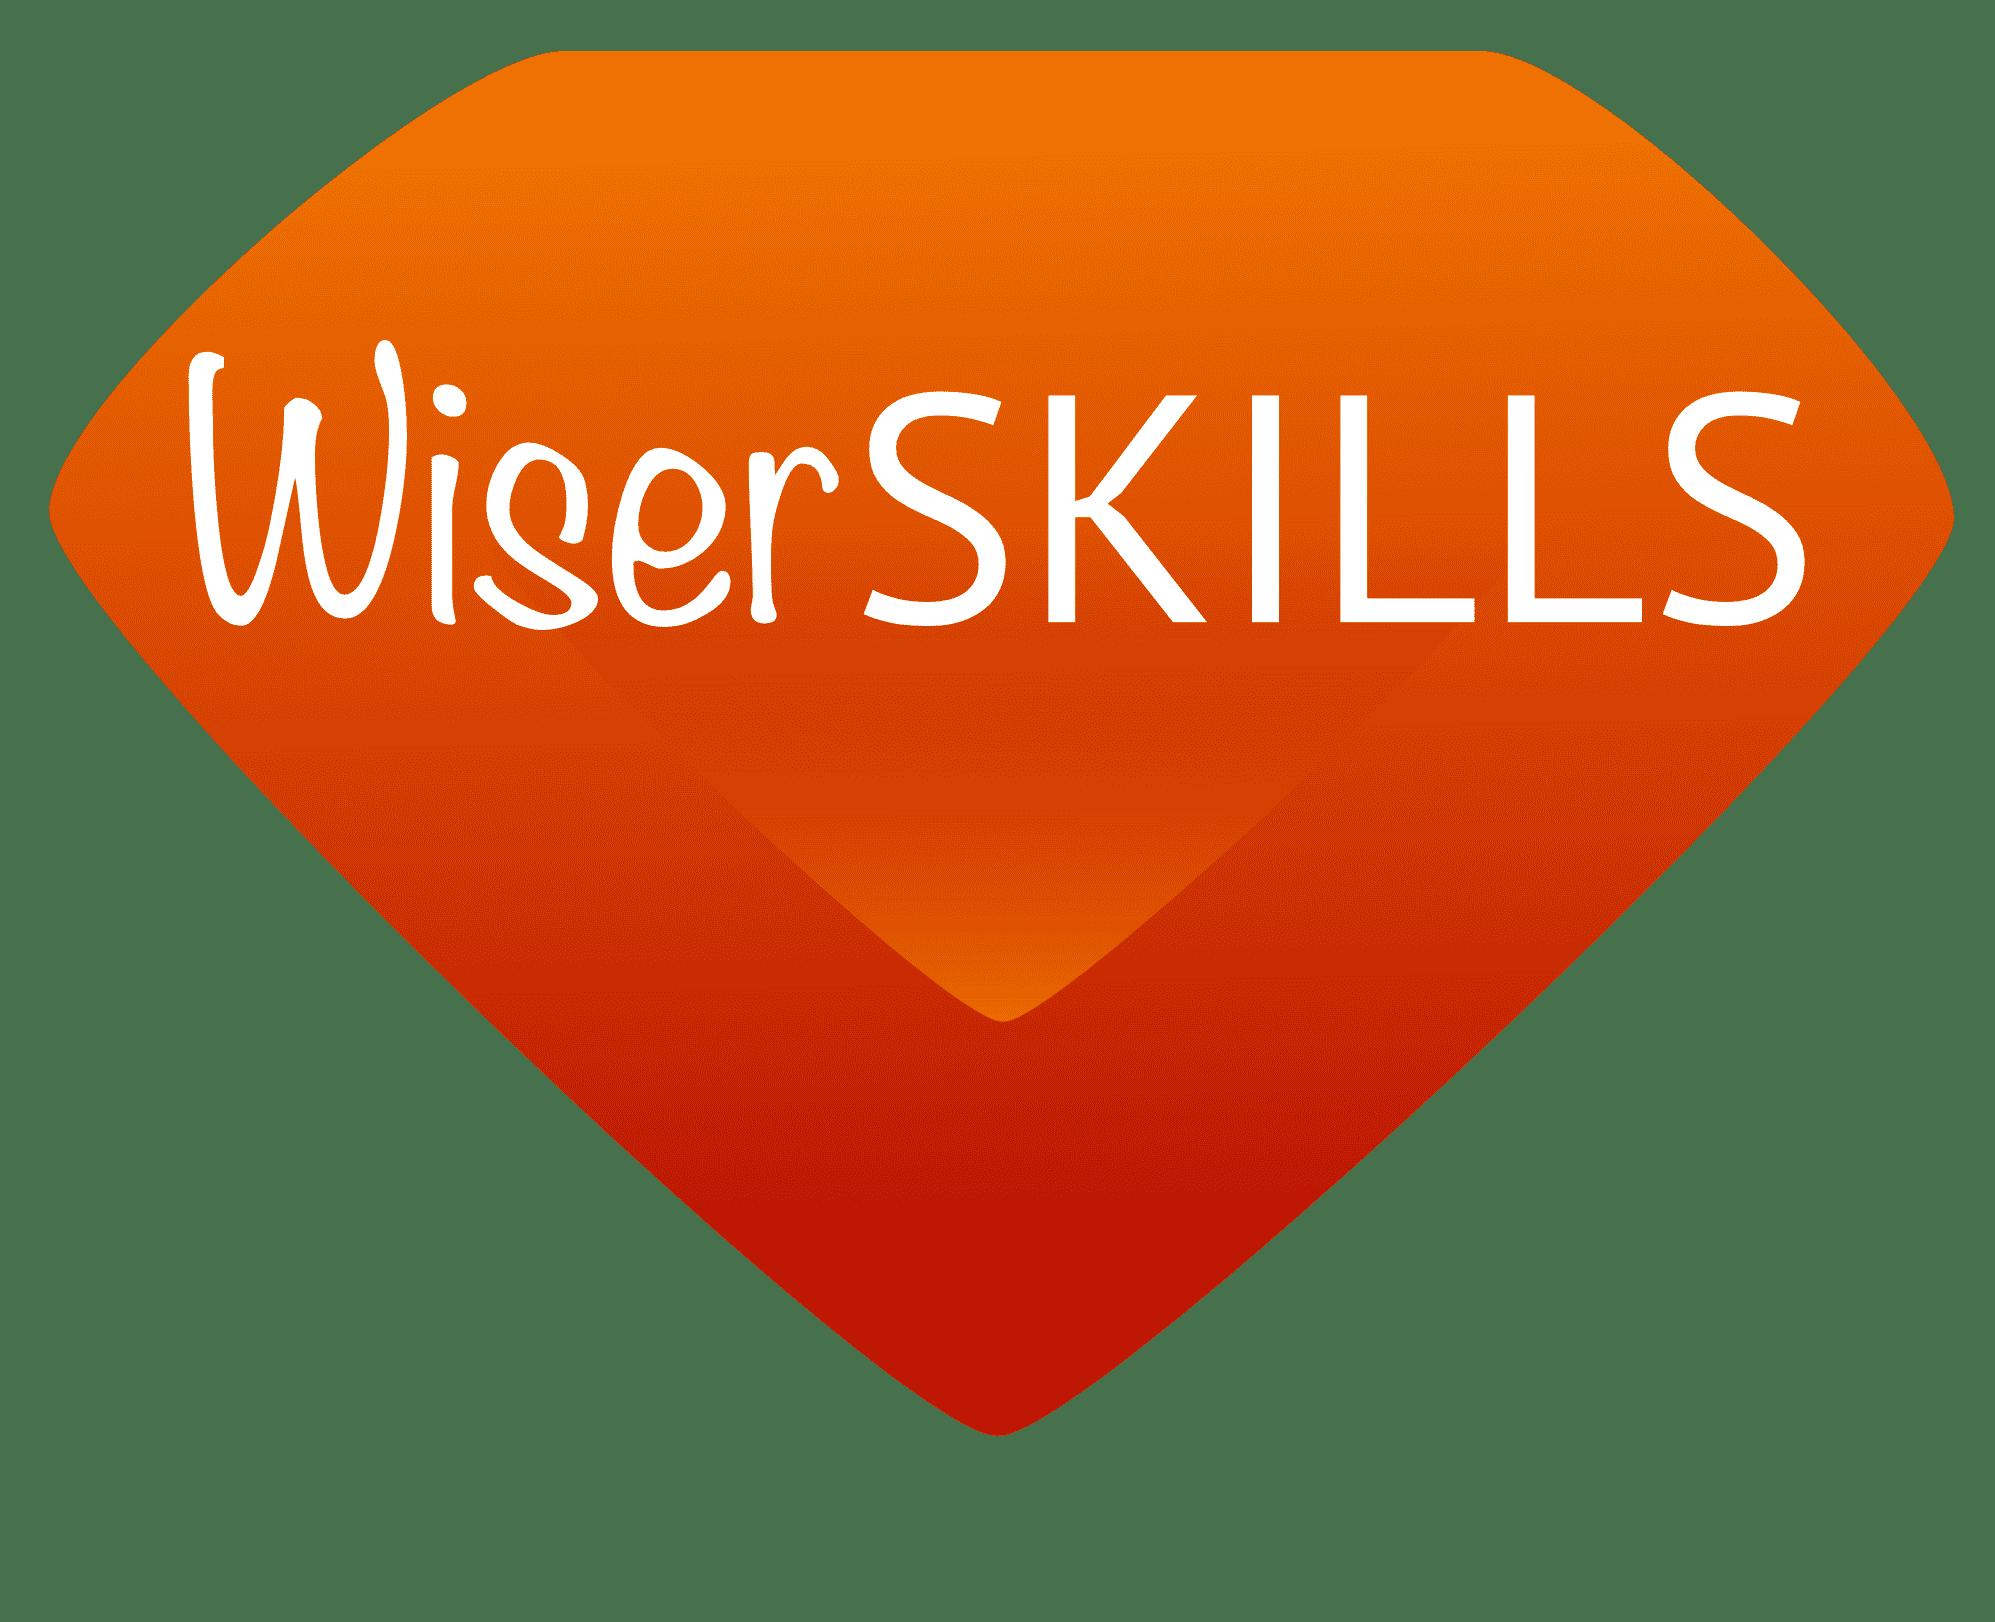 Wiserskills